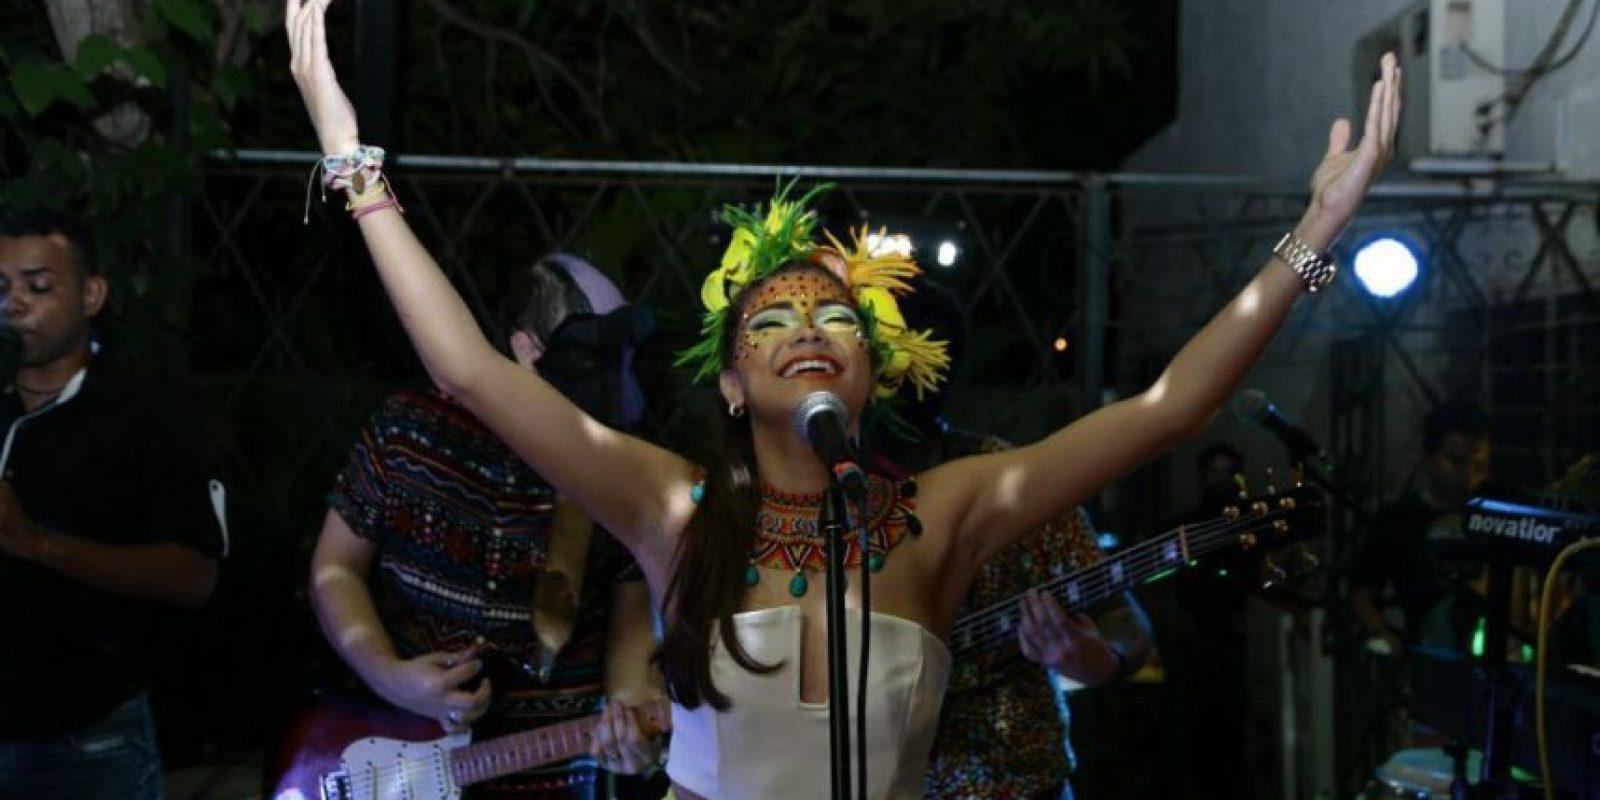 Karnivale interpretando 'El Bando', su próximo sencillo que se estará lanzando a finales de septiembre. Foto:Valerie Amor